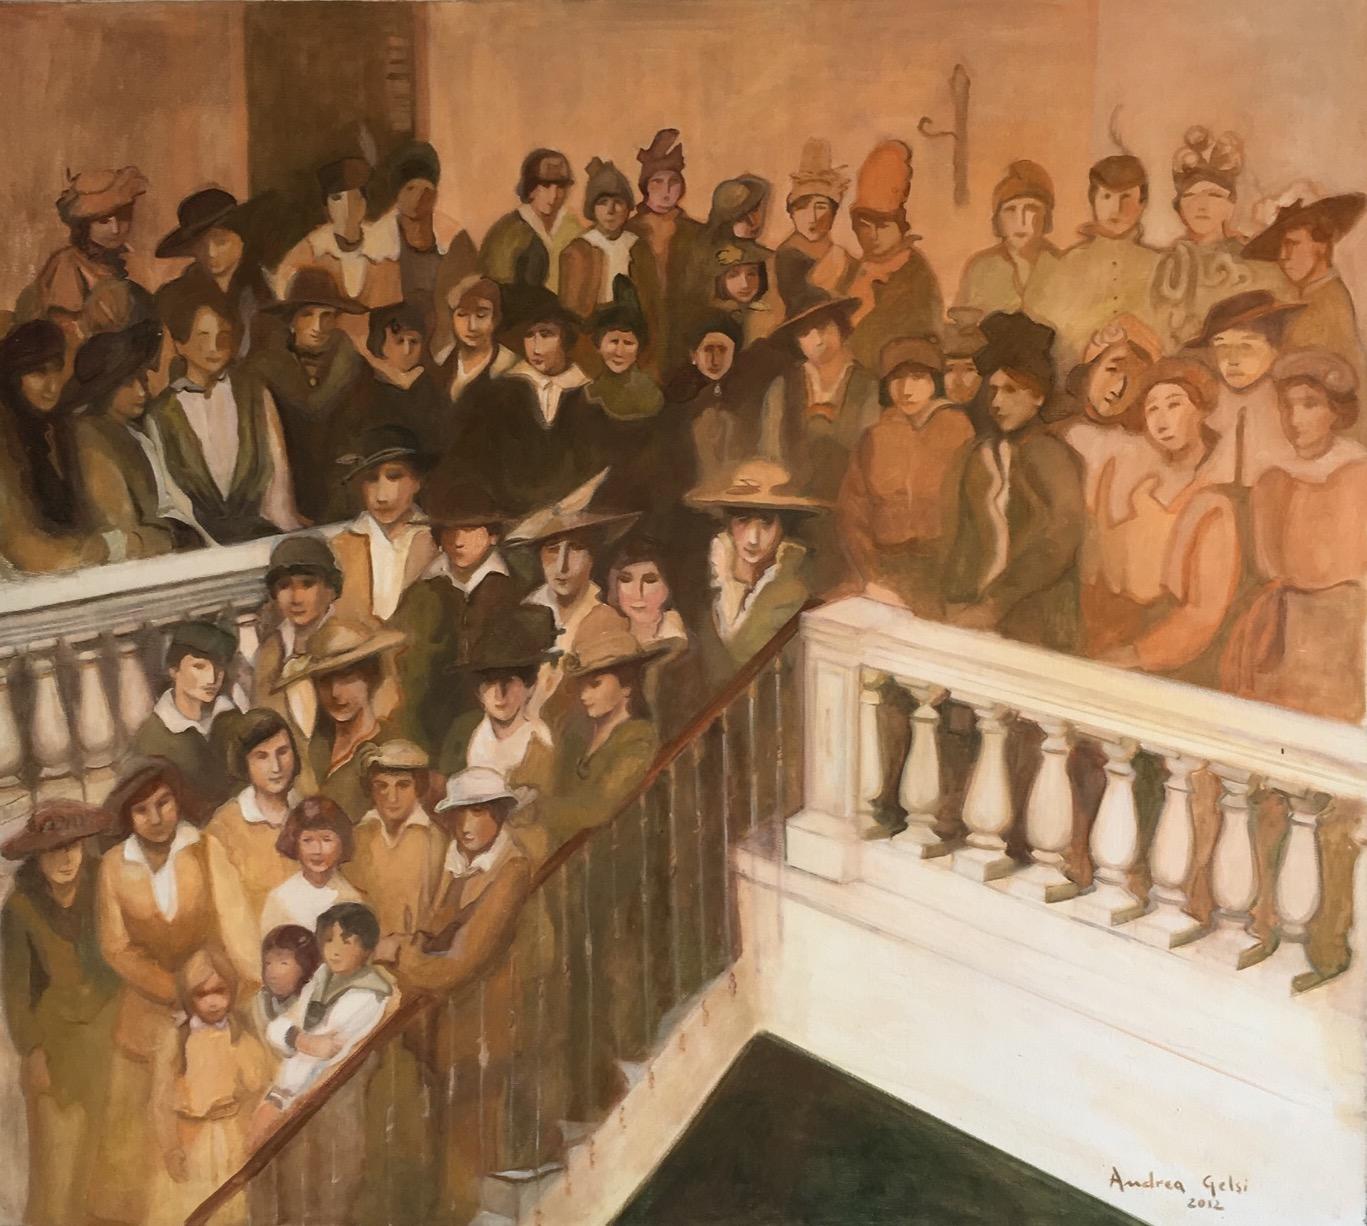 Ellas se dirigen a votar (2013) - Andrea Gelsi